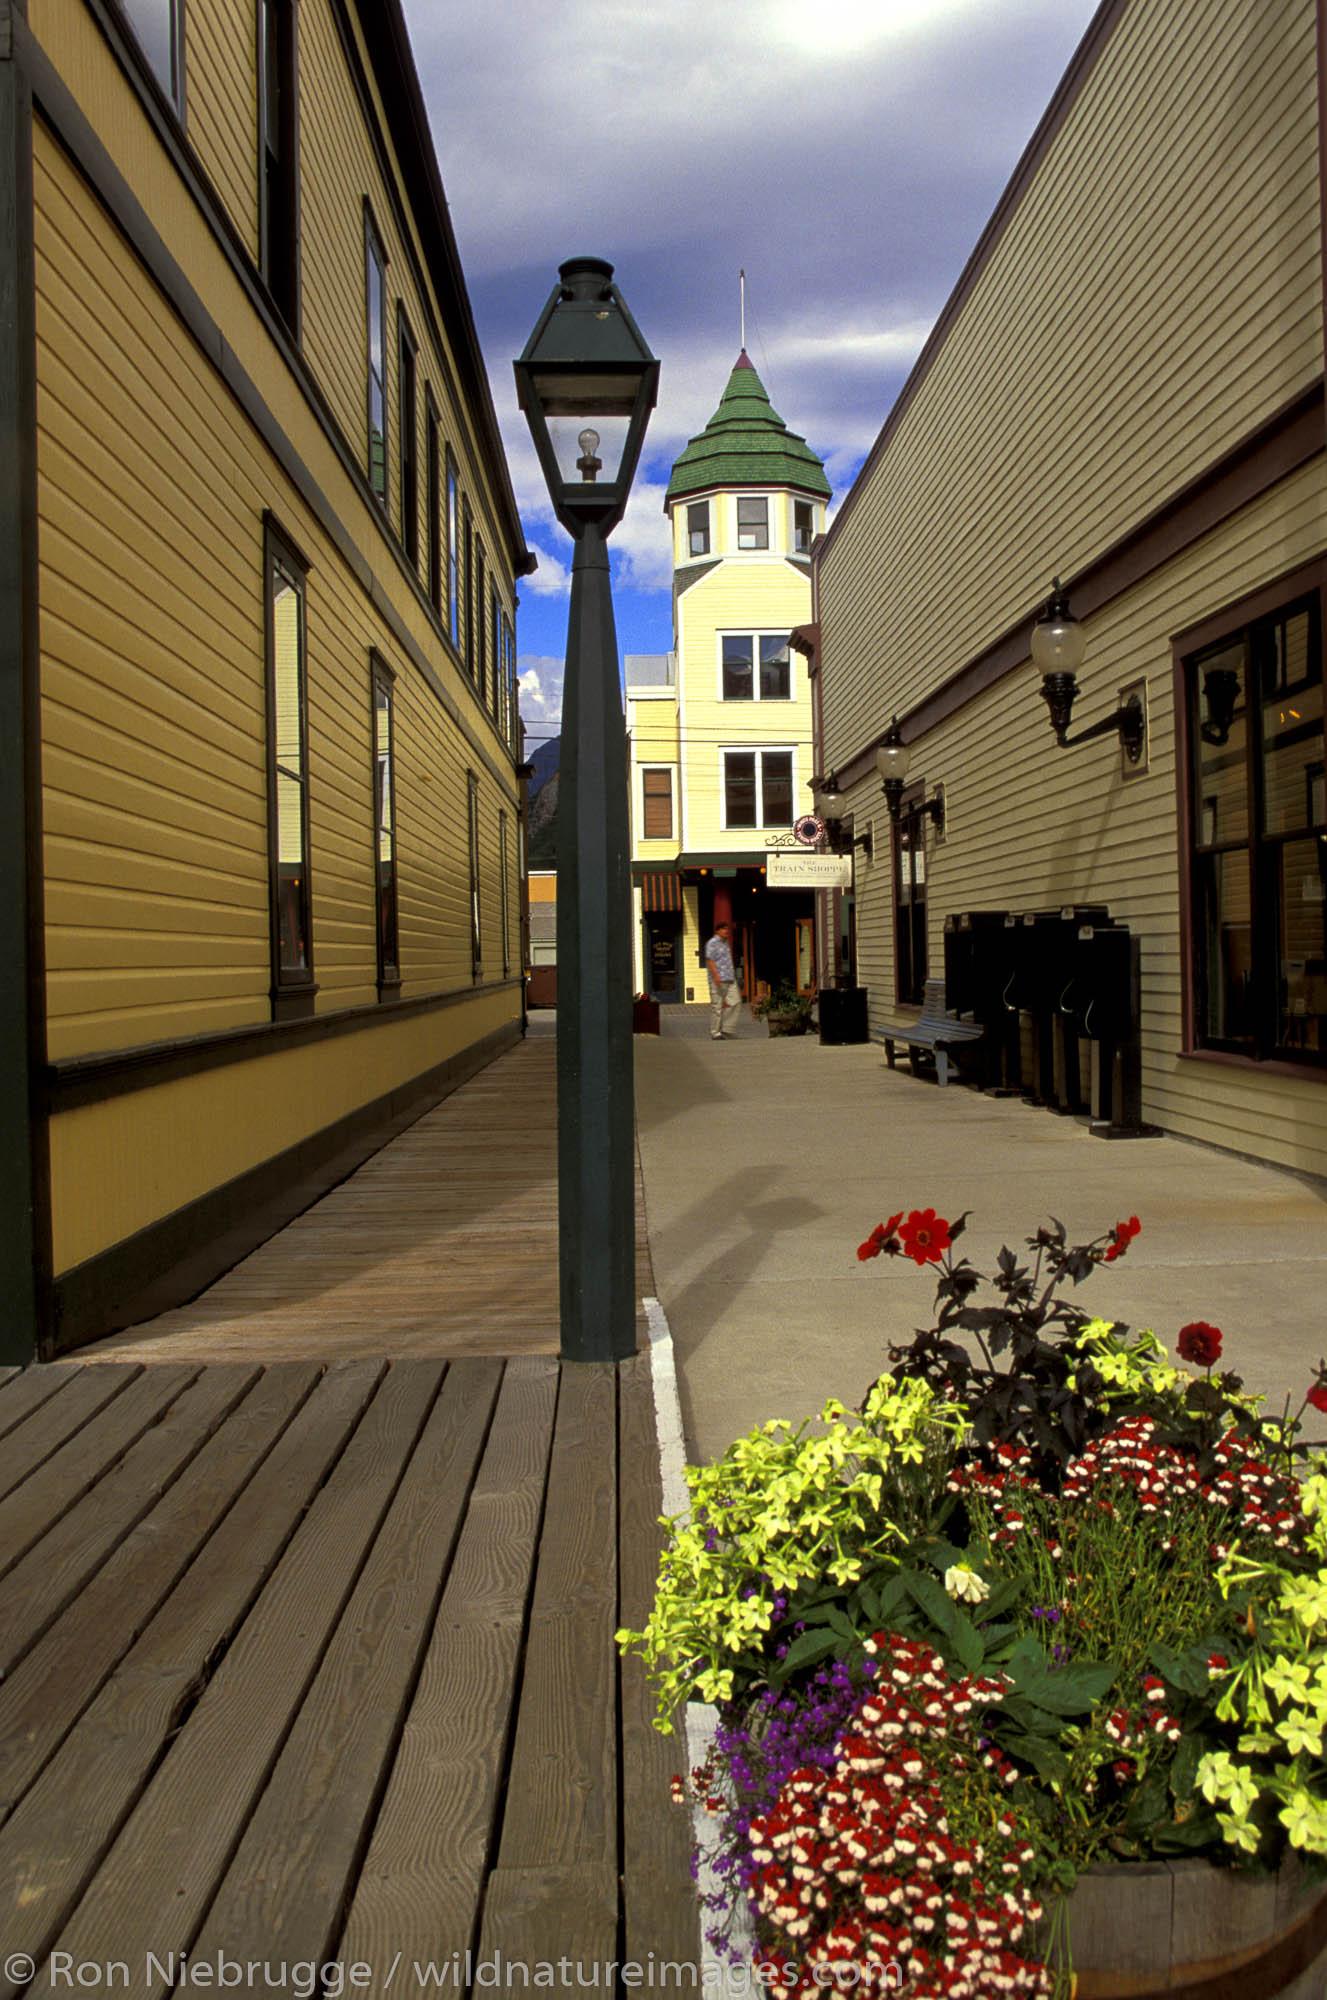 Old restored buildings in the town of Skagway, Alaska.